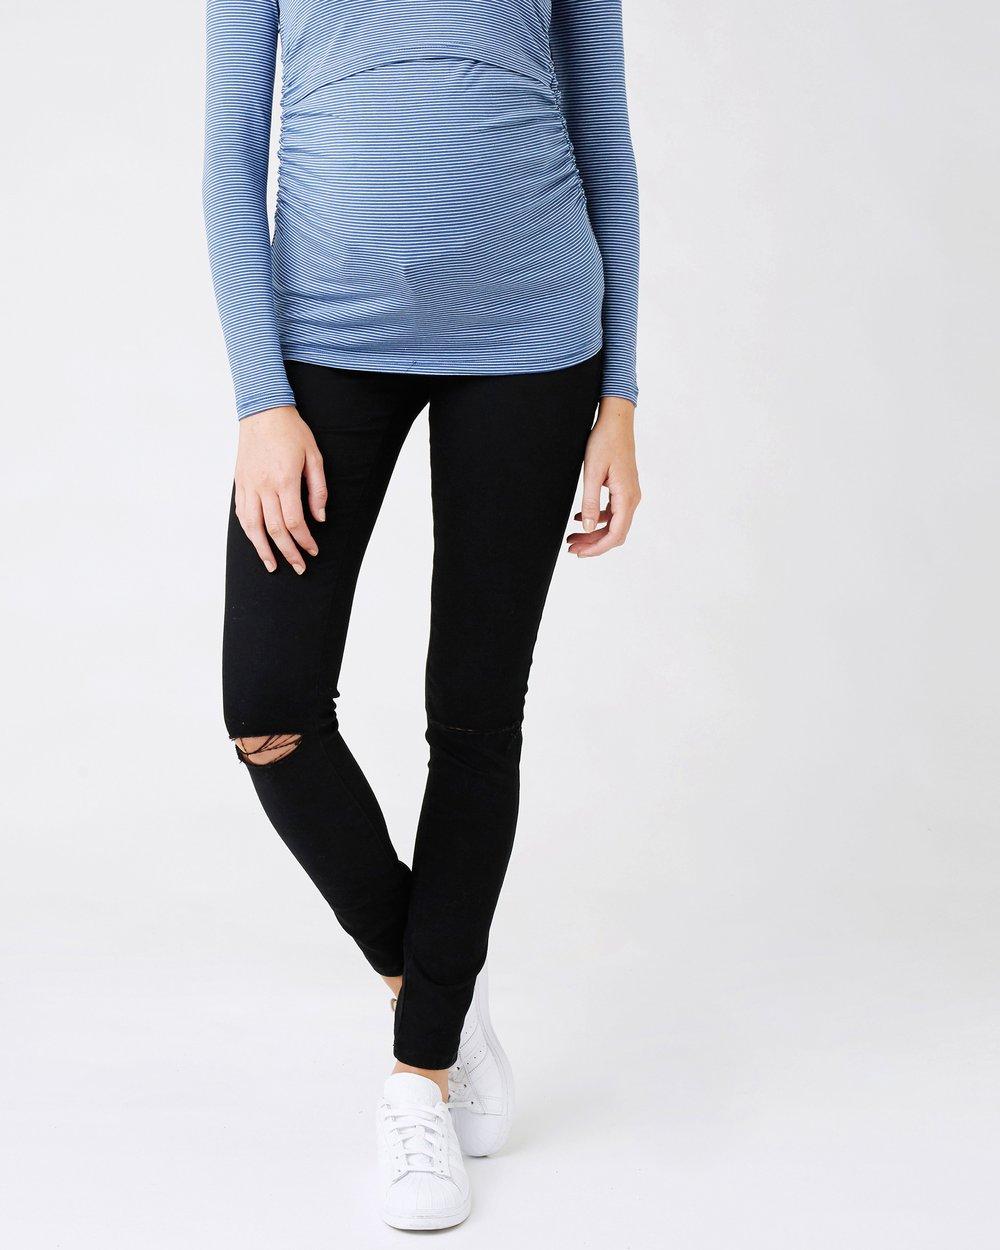 f41c6fdf57e Maternity Clothes